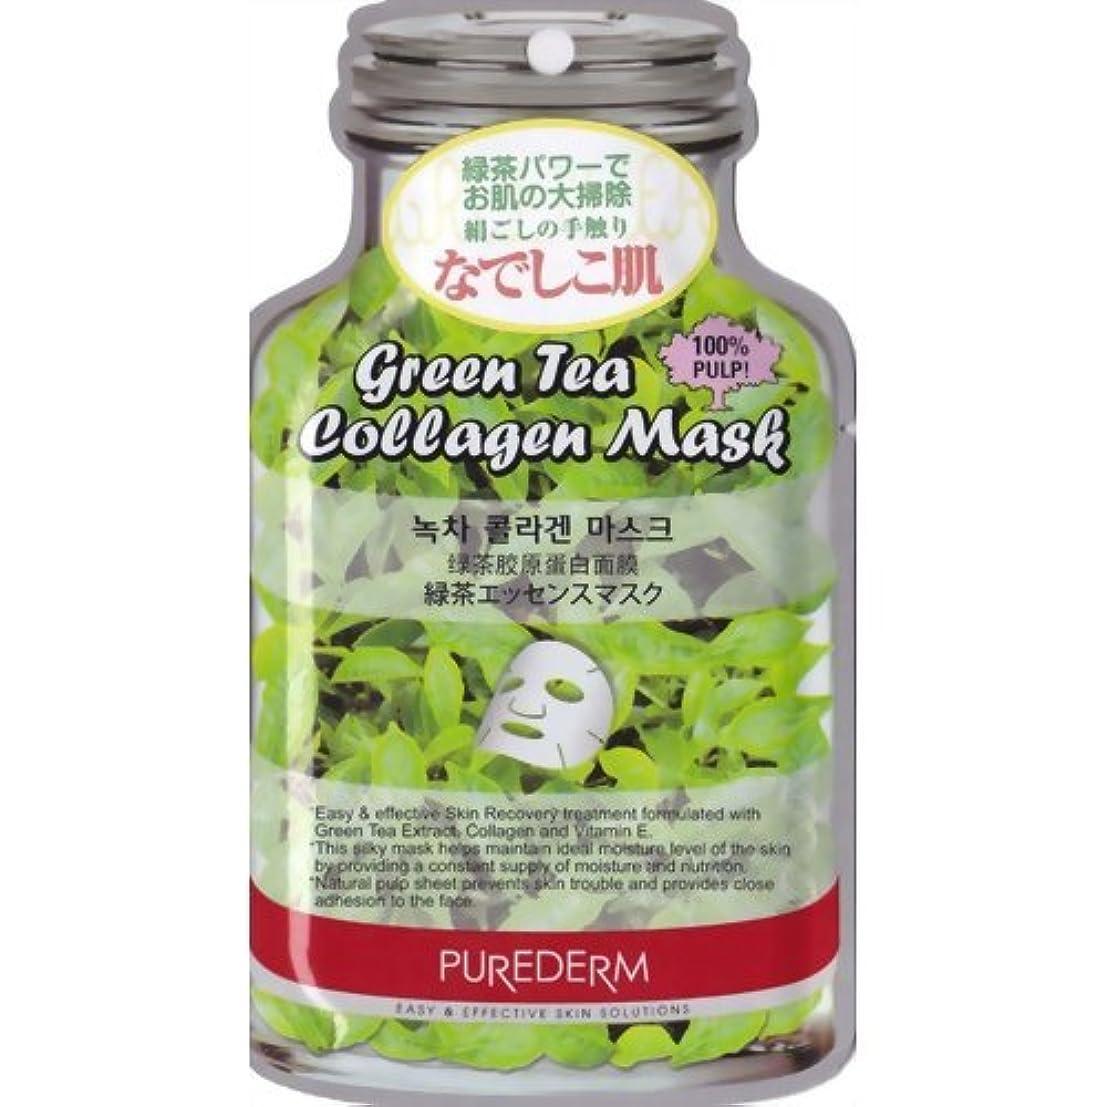 鮫主流現象ピュアダム 緑茶エッセンスマスク 23ml